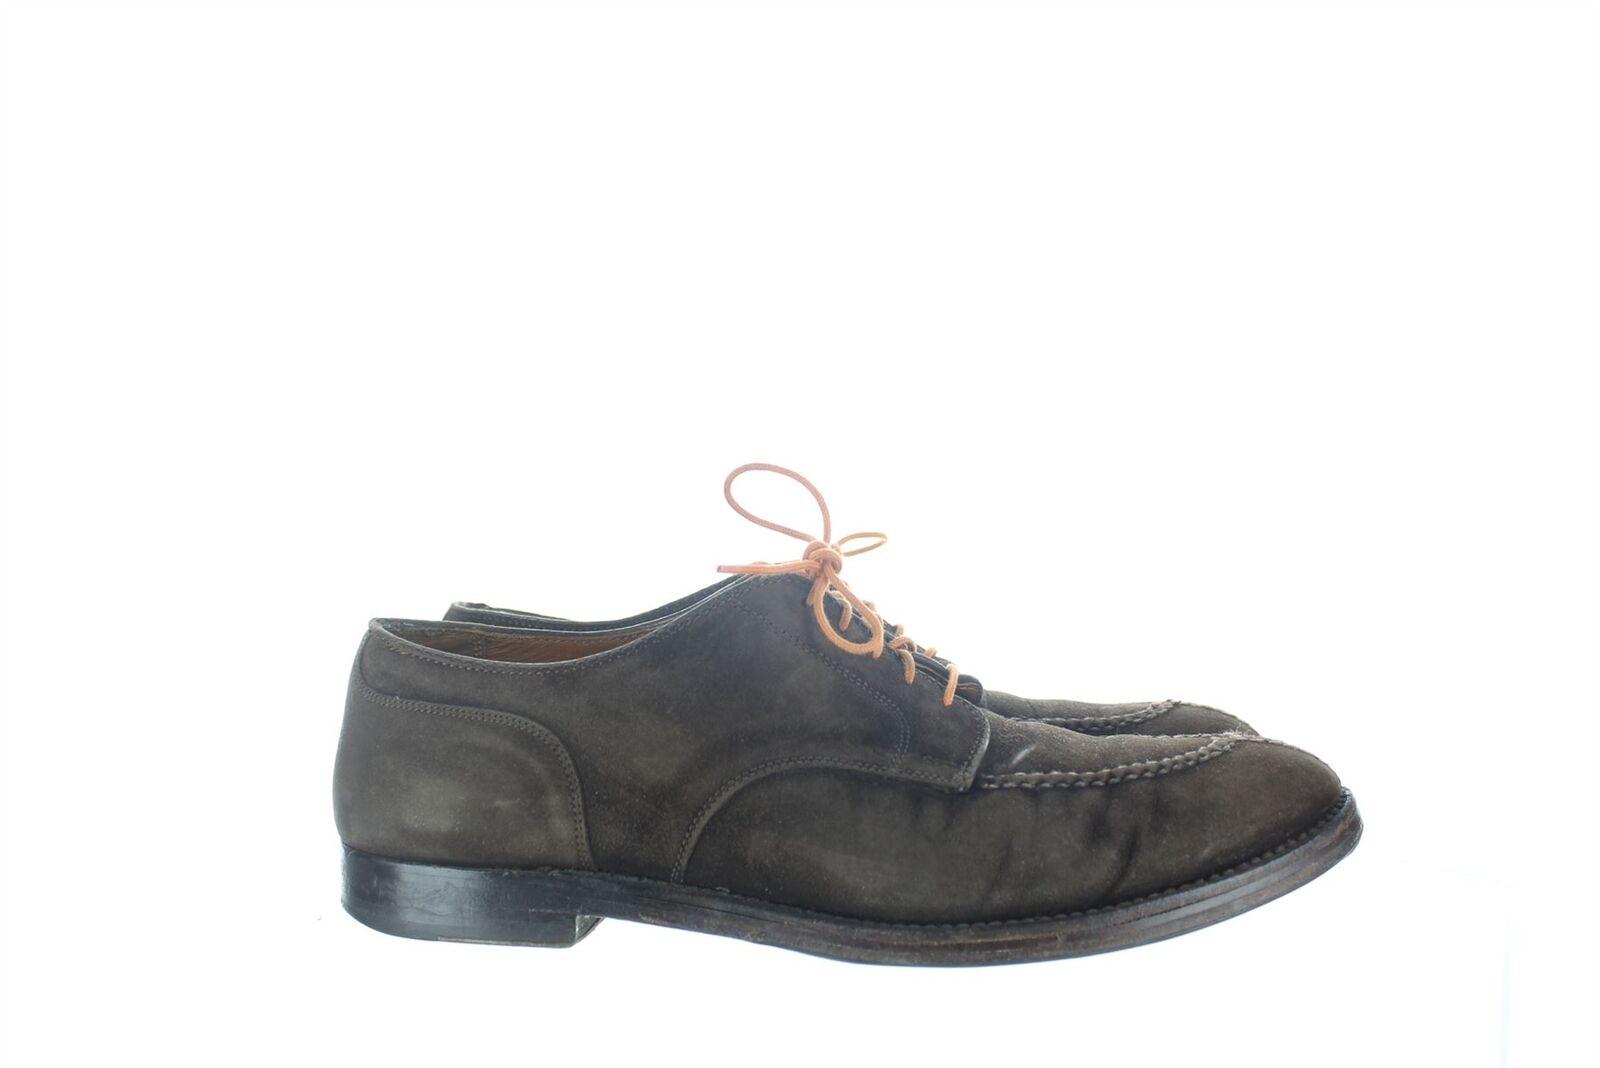 ALDEN Braun Suede-Kleid-Schuhe, UK 10 US 11 EU 43